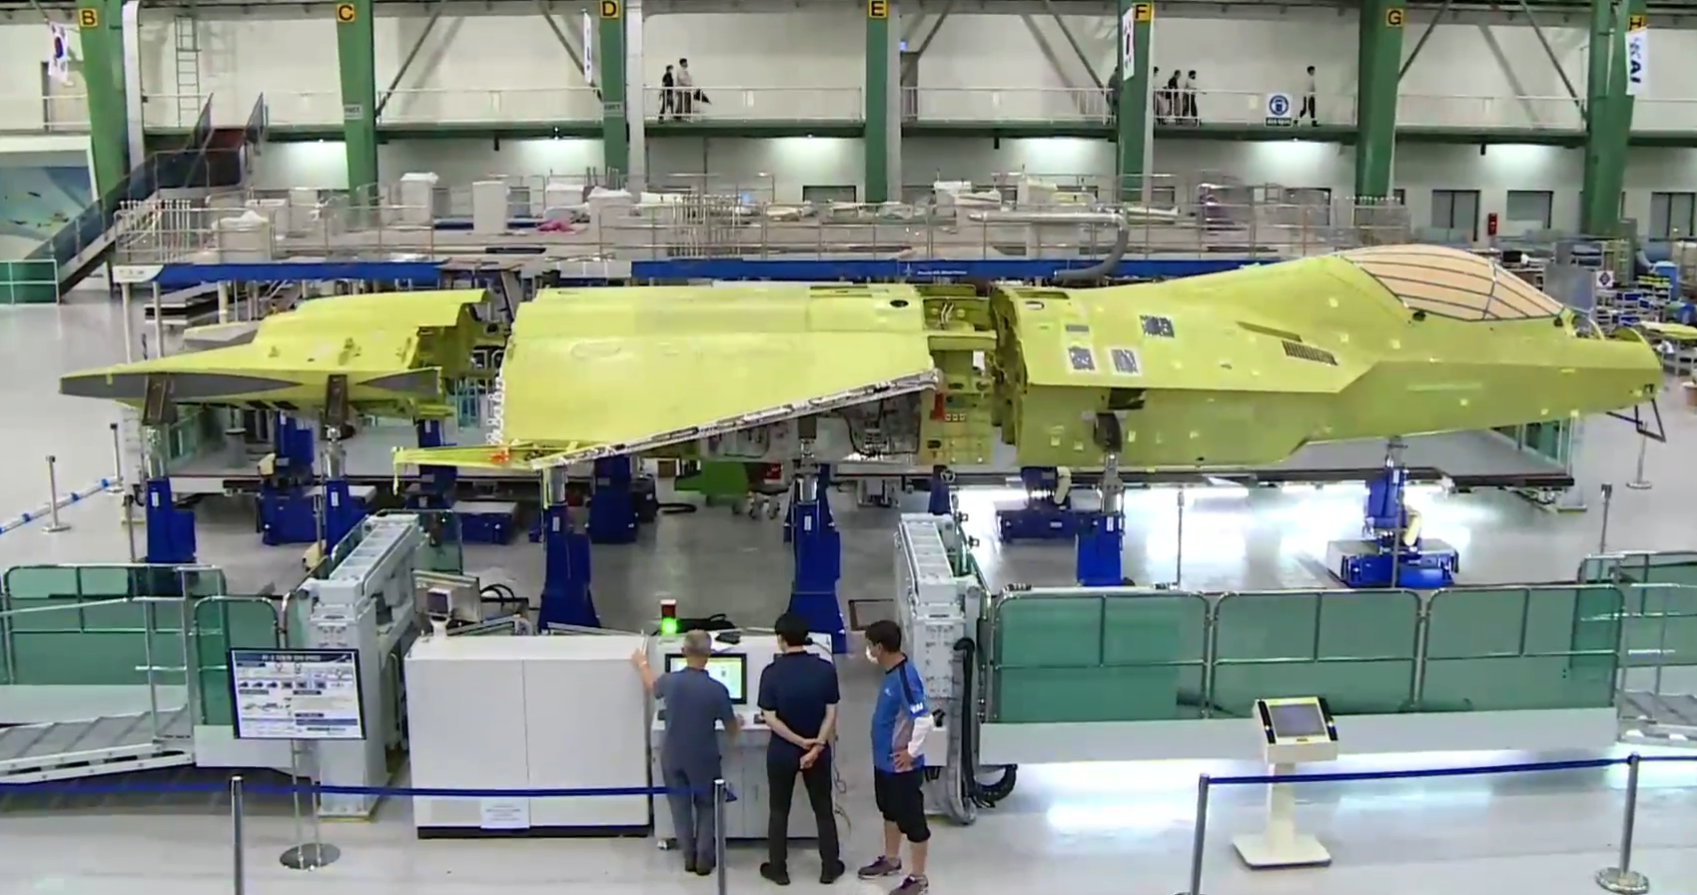 韩KF-X隐形战斗机首架原型机亮相 机身主体完成组装